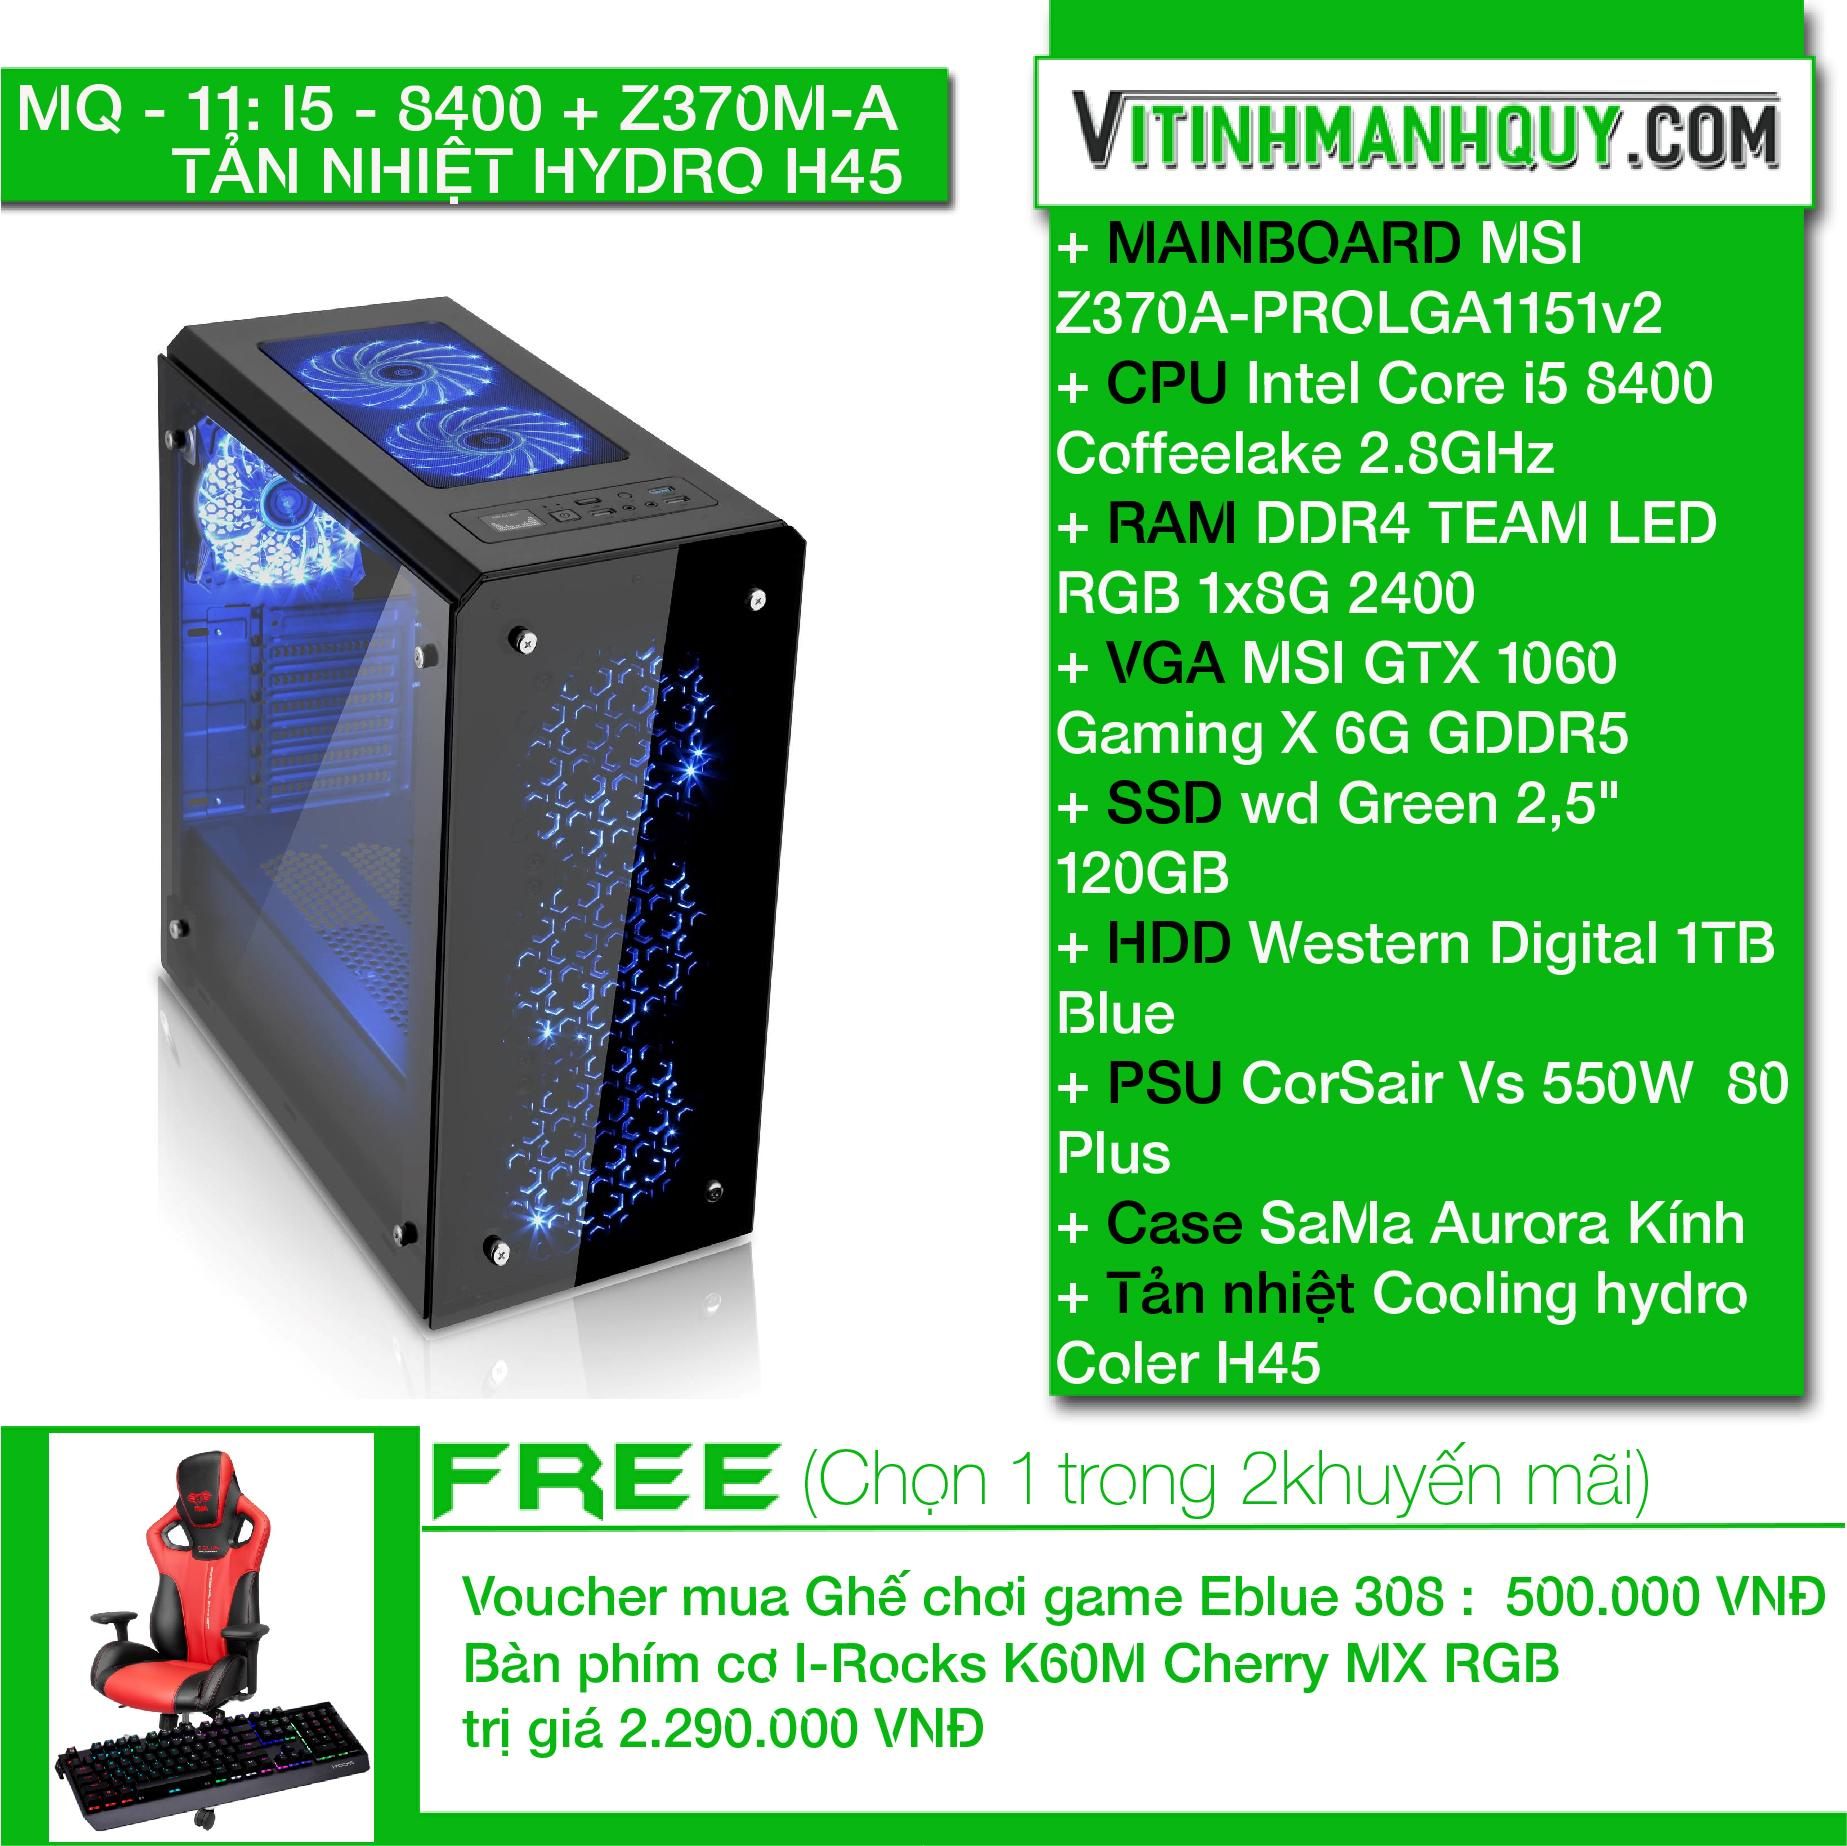 Hình ảnh MQ11I5-8400 + Z370M-A + TẢN NHIỆT HYDRO H45 - may bo HIEND chuyen game - Case SaMa Aurora Kính - Intel Corei5 8400Coffeelake 2.8GHz - DDR4TEAM LED RGB1x8G2400 - SSD wd Green 2,5